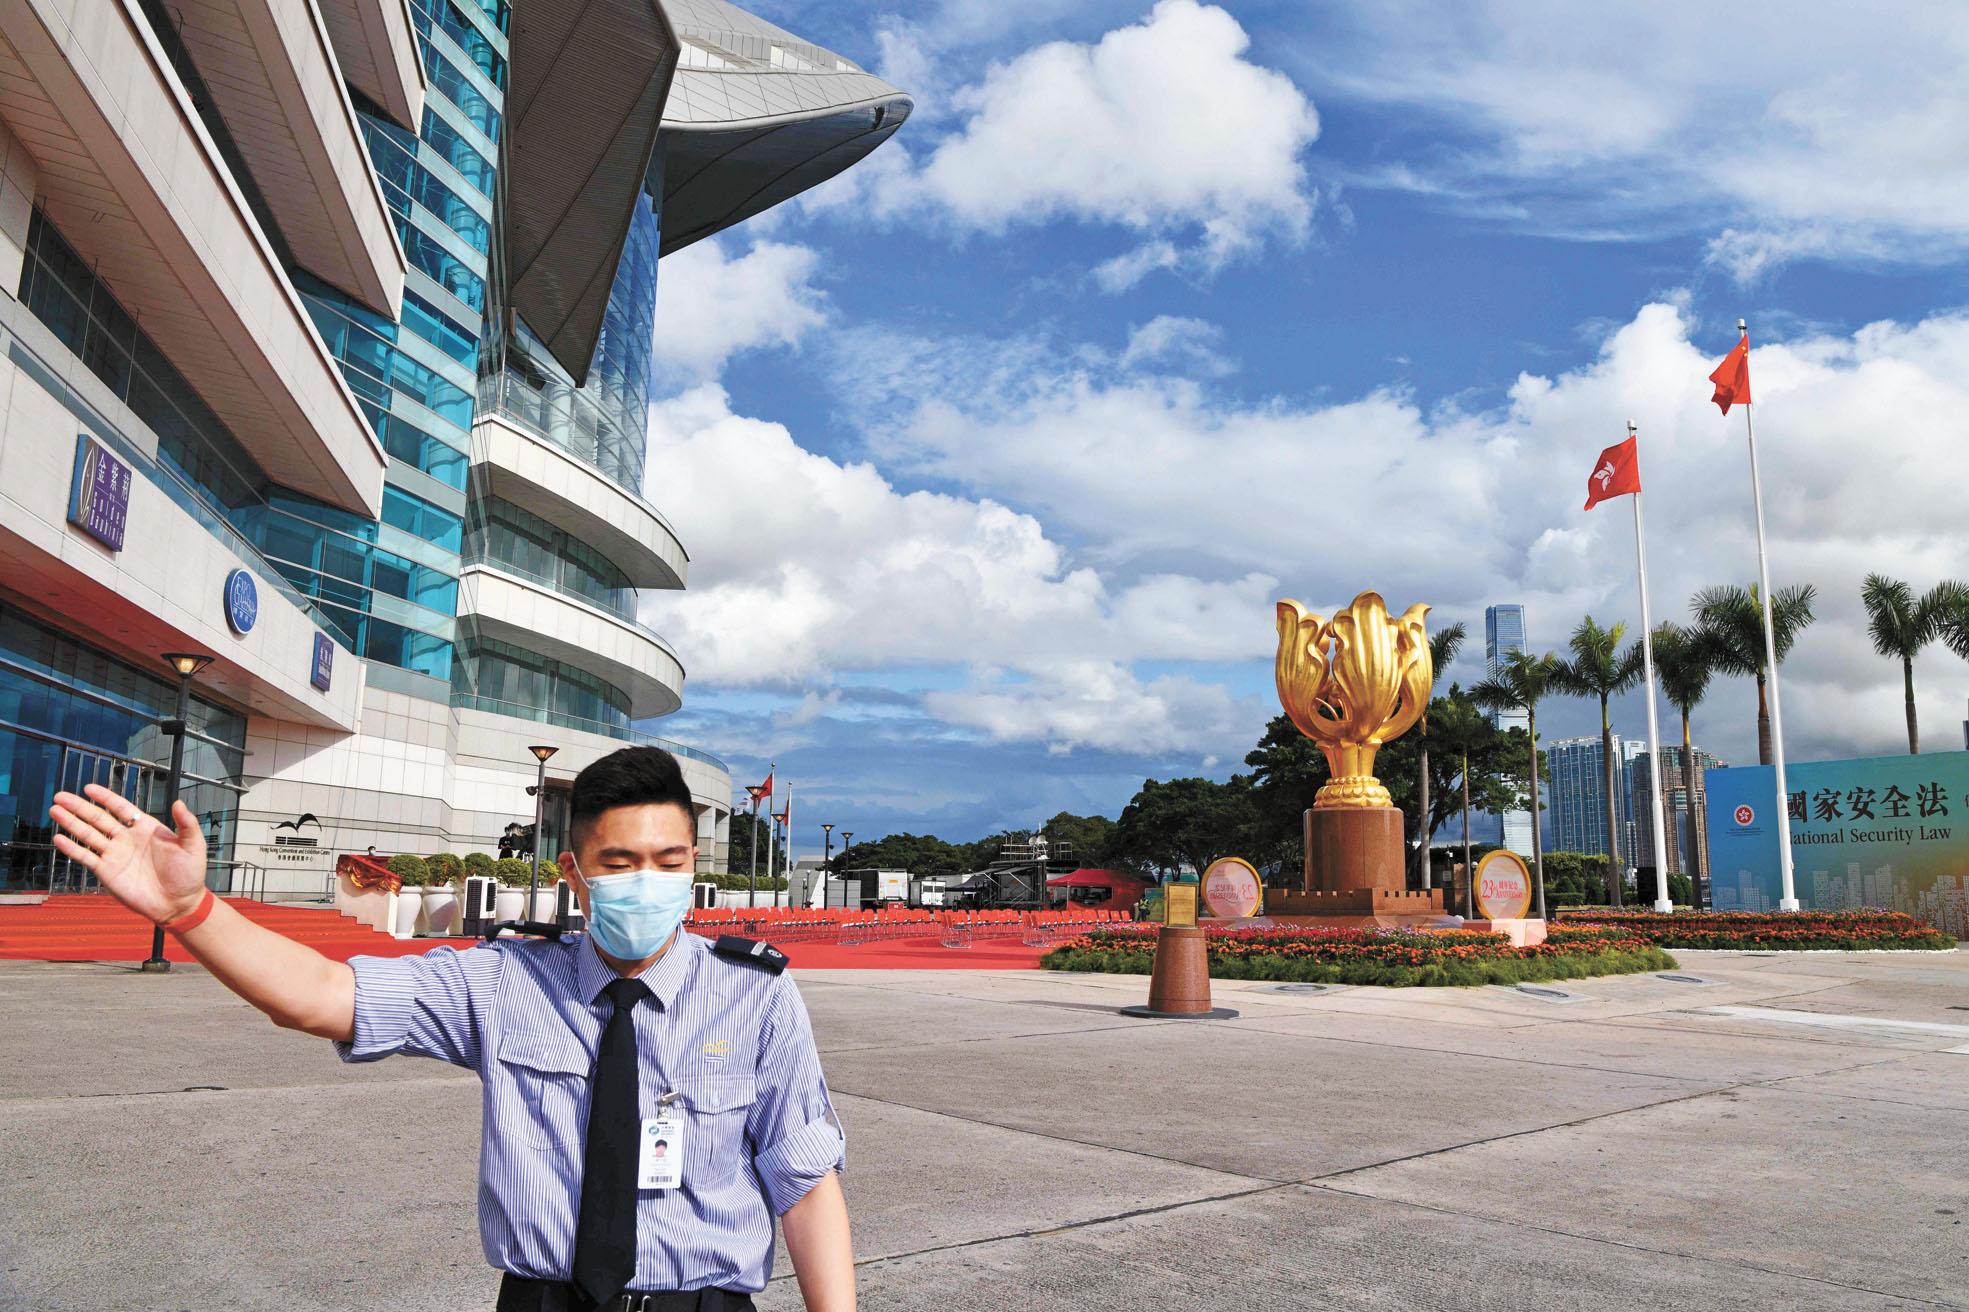 《港區國安法》於香港刊憲生效,持續受到國際關注。圖為一名安保在香港金紫荊廣場維持秩序。法新社